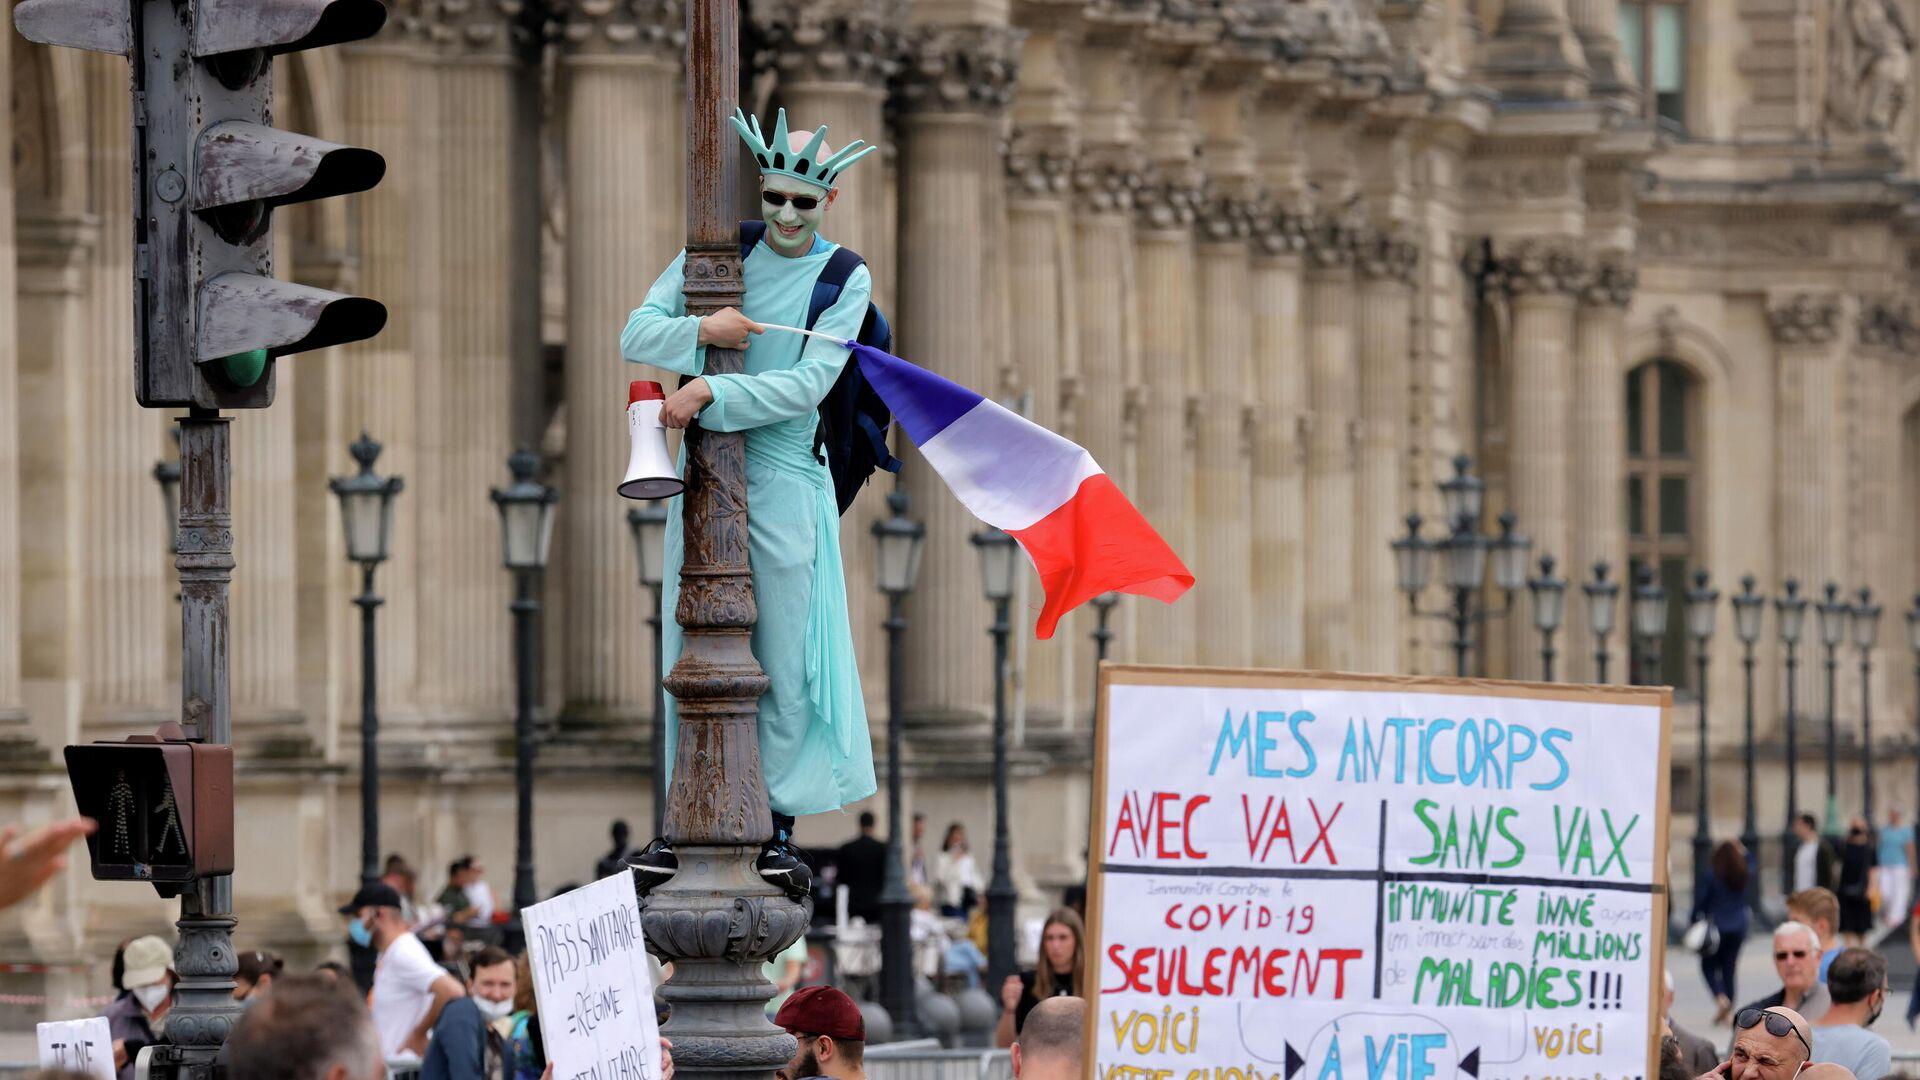 Участники акции протеста против санитарных пропусков в Париже - Sputnik Узбекистан, 1920, 20.07.2021